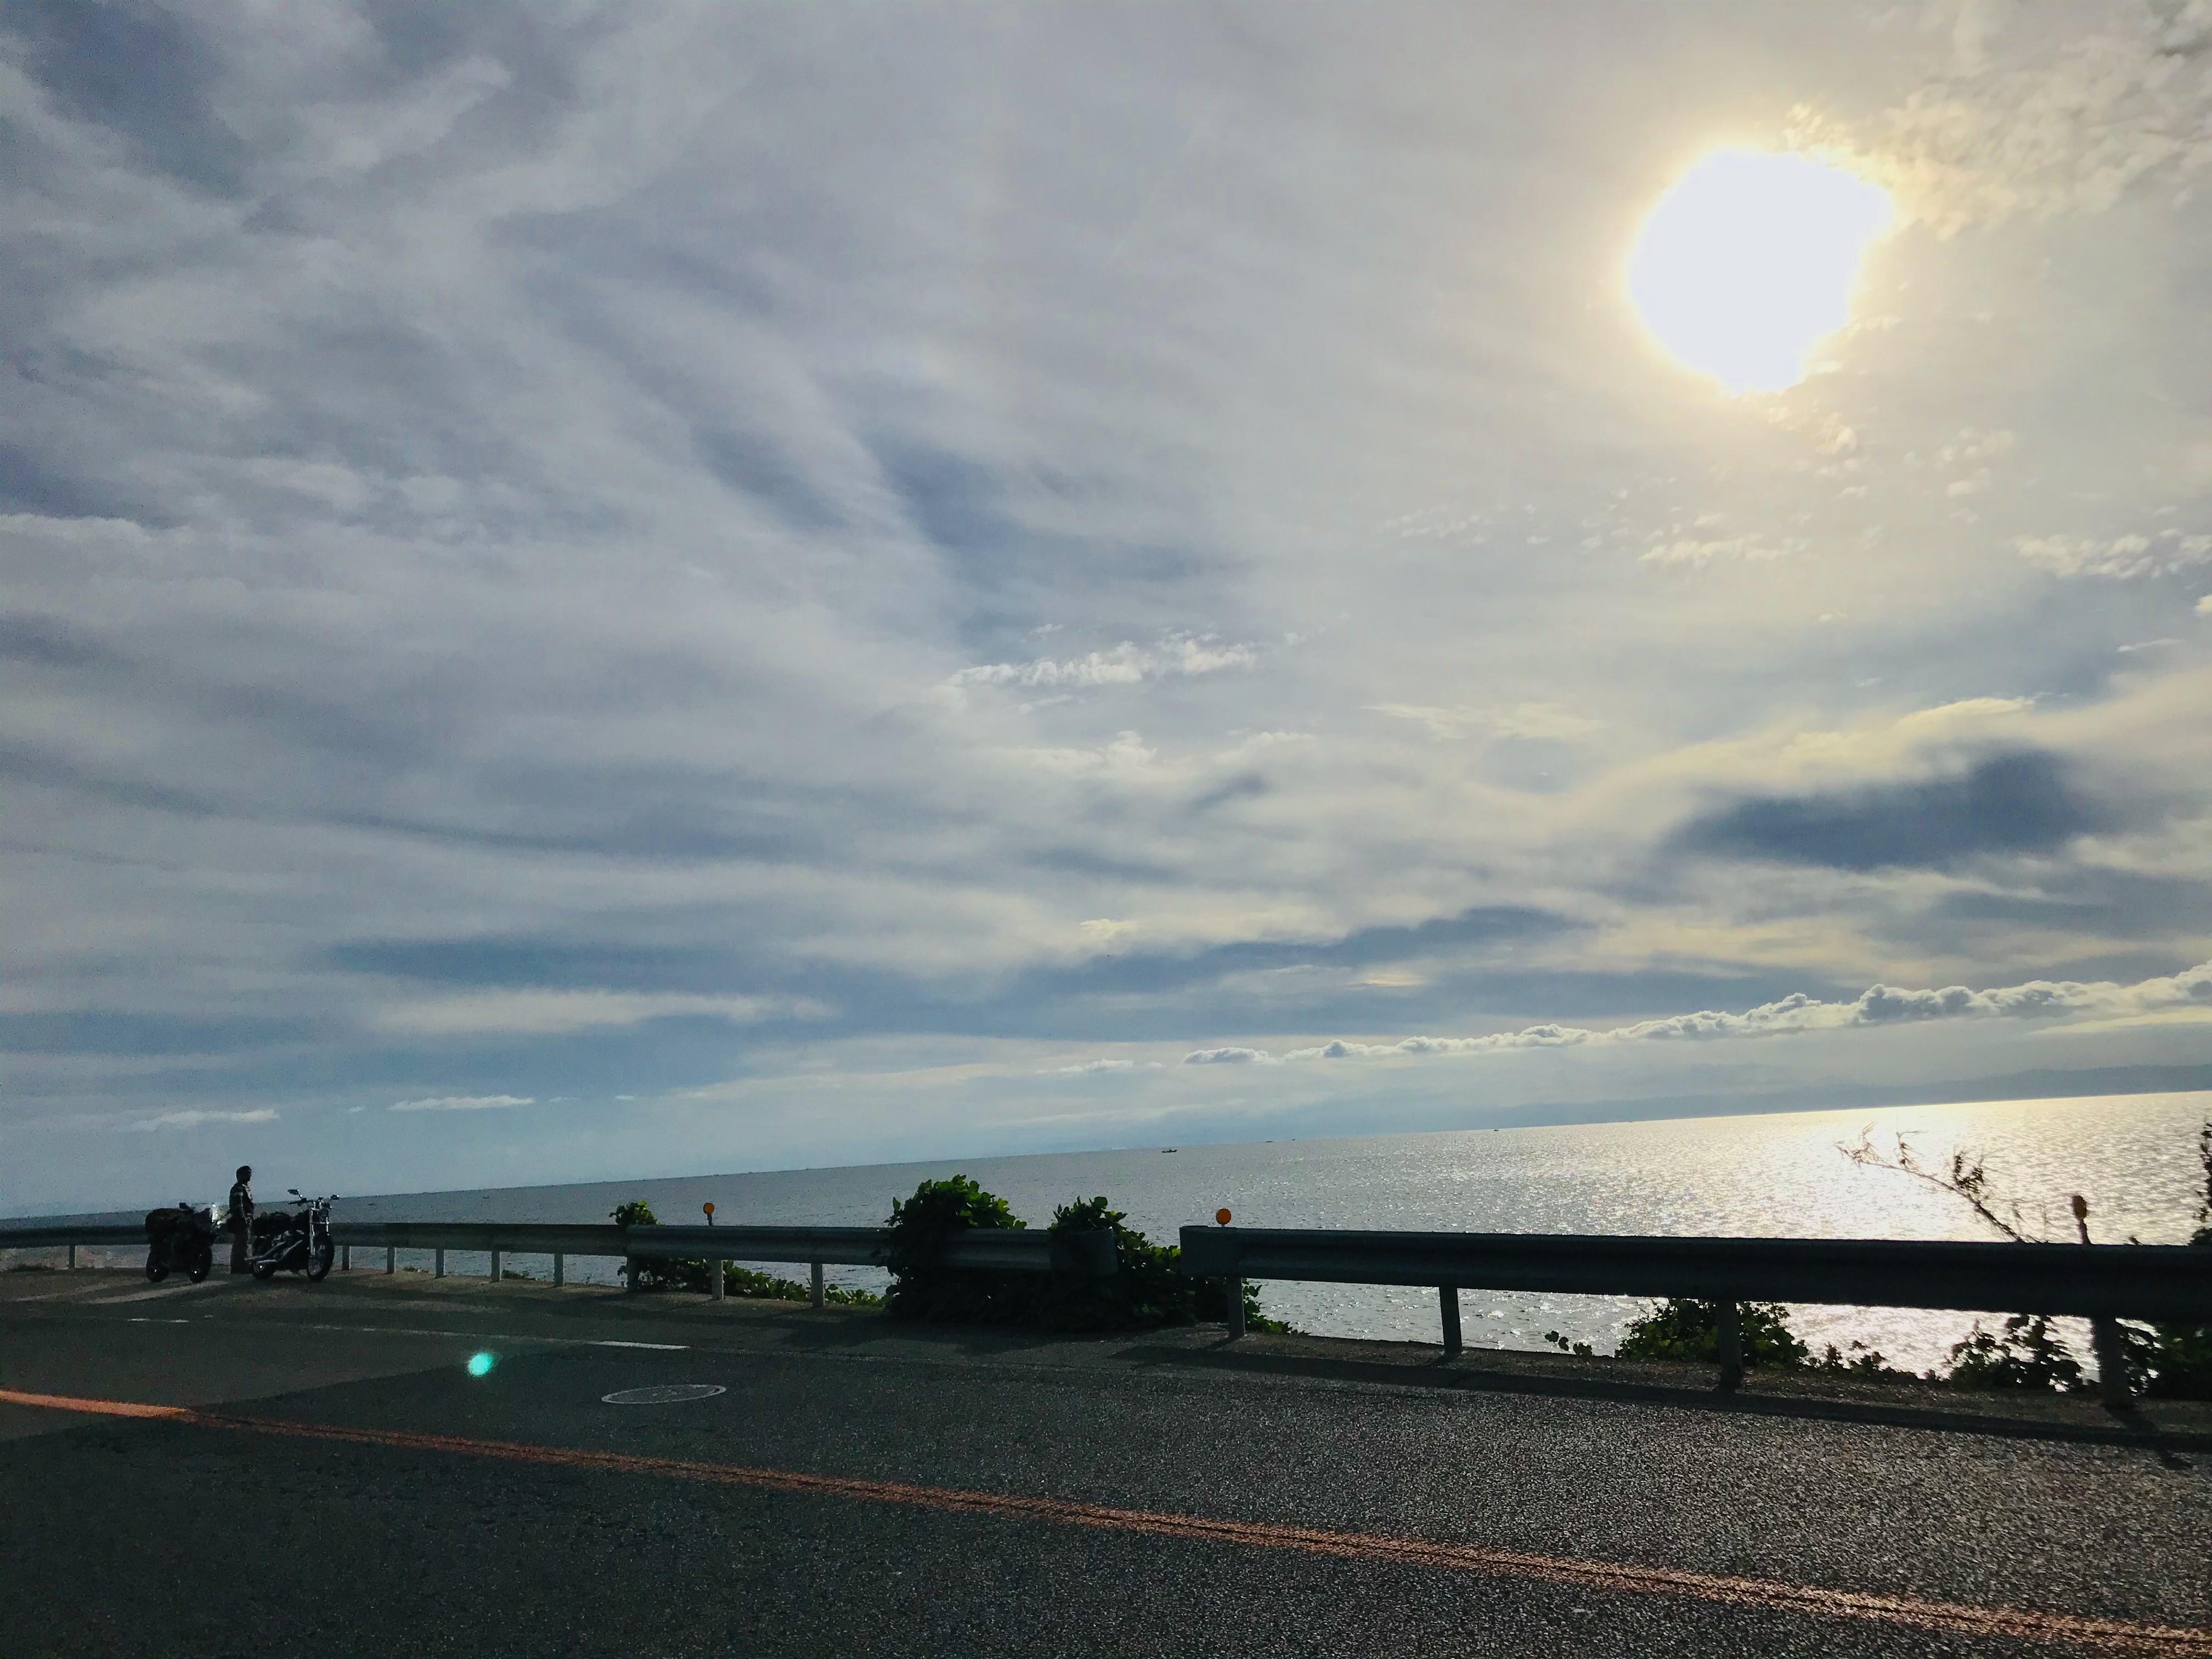 ぴーきち&ダイナ ハーレーで行く 室戸岬 ツーリング 淡路島 海岸線 絶景